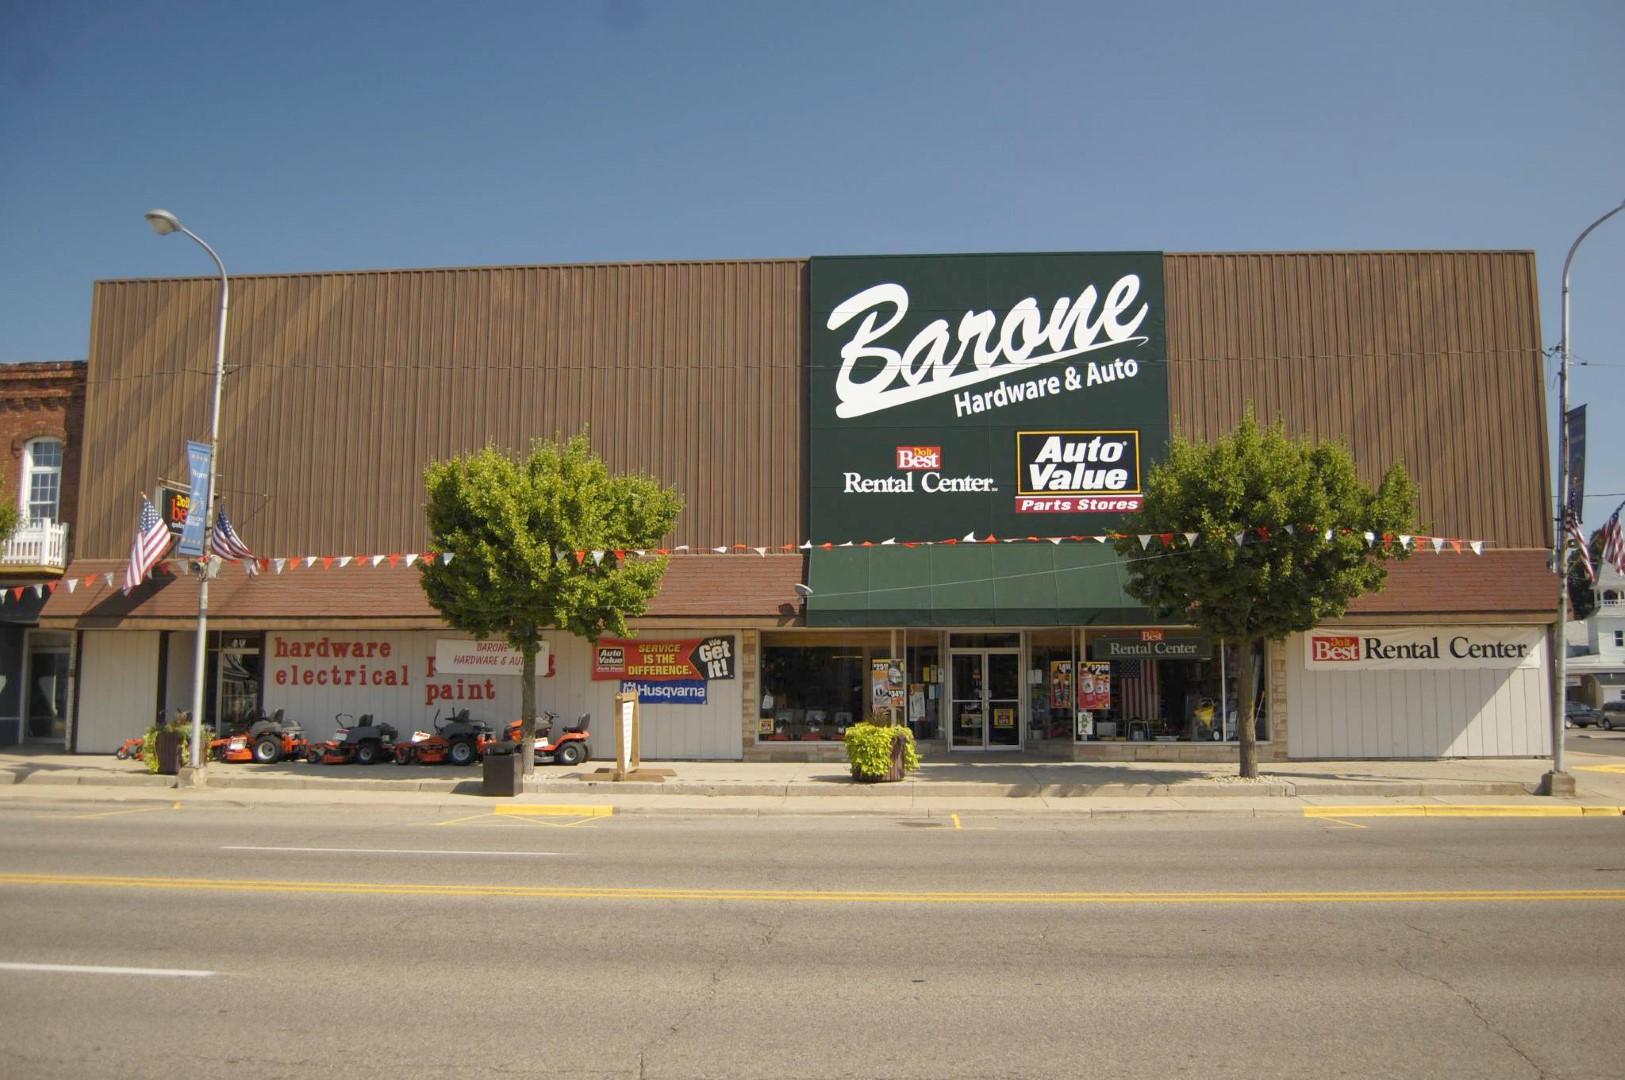 Barone Hardware & Auto